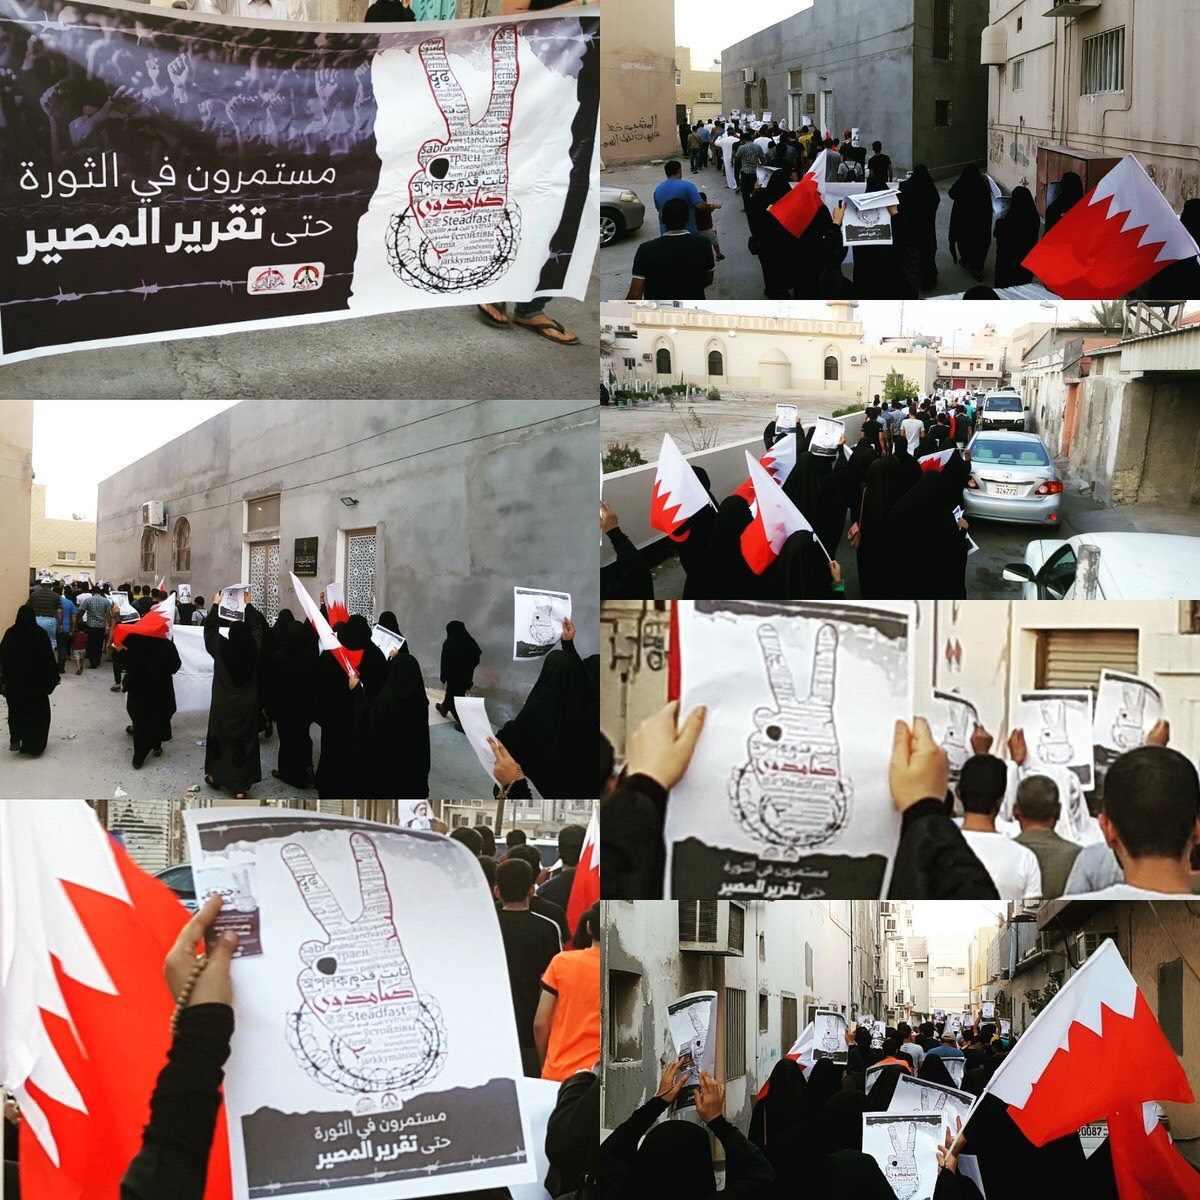 فعاليّة «جمعة الصمود- 2» تؤكد مواصلة الثورة حتى تقرير المصير